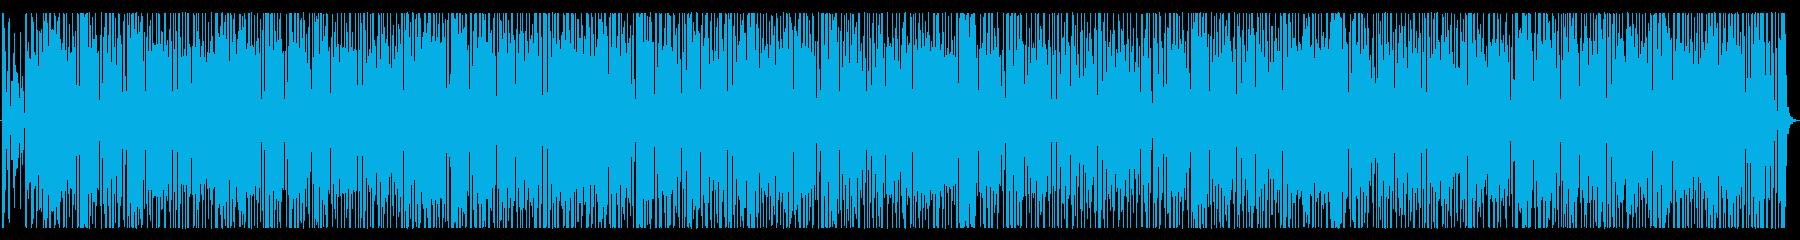 CM企業VP、ポップバンドお洒落で可愛いの再生済みの波形